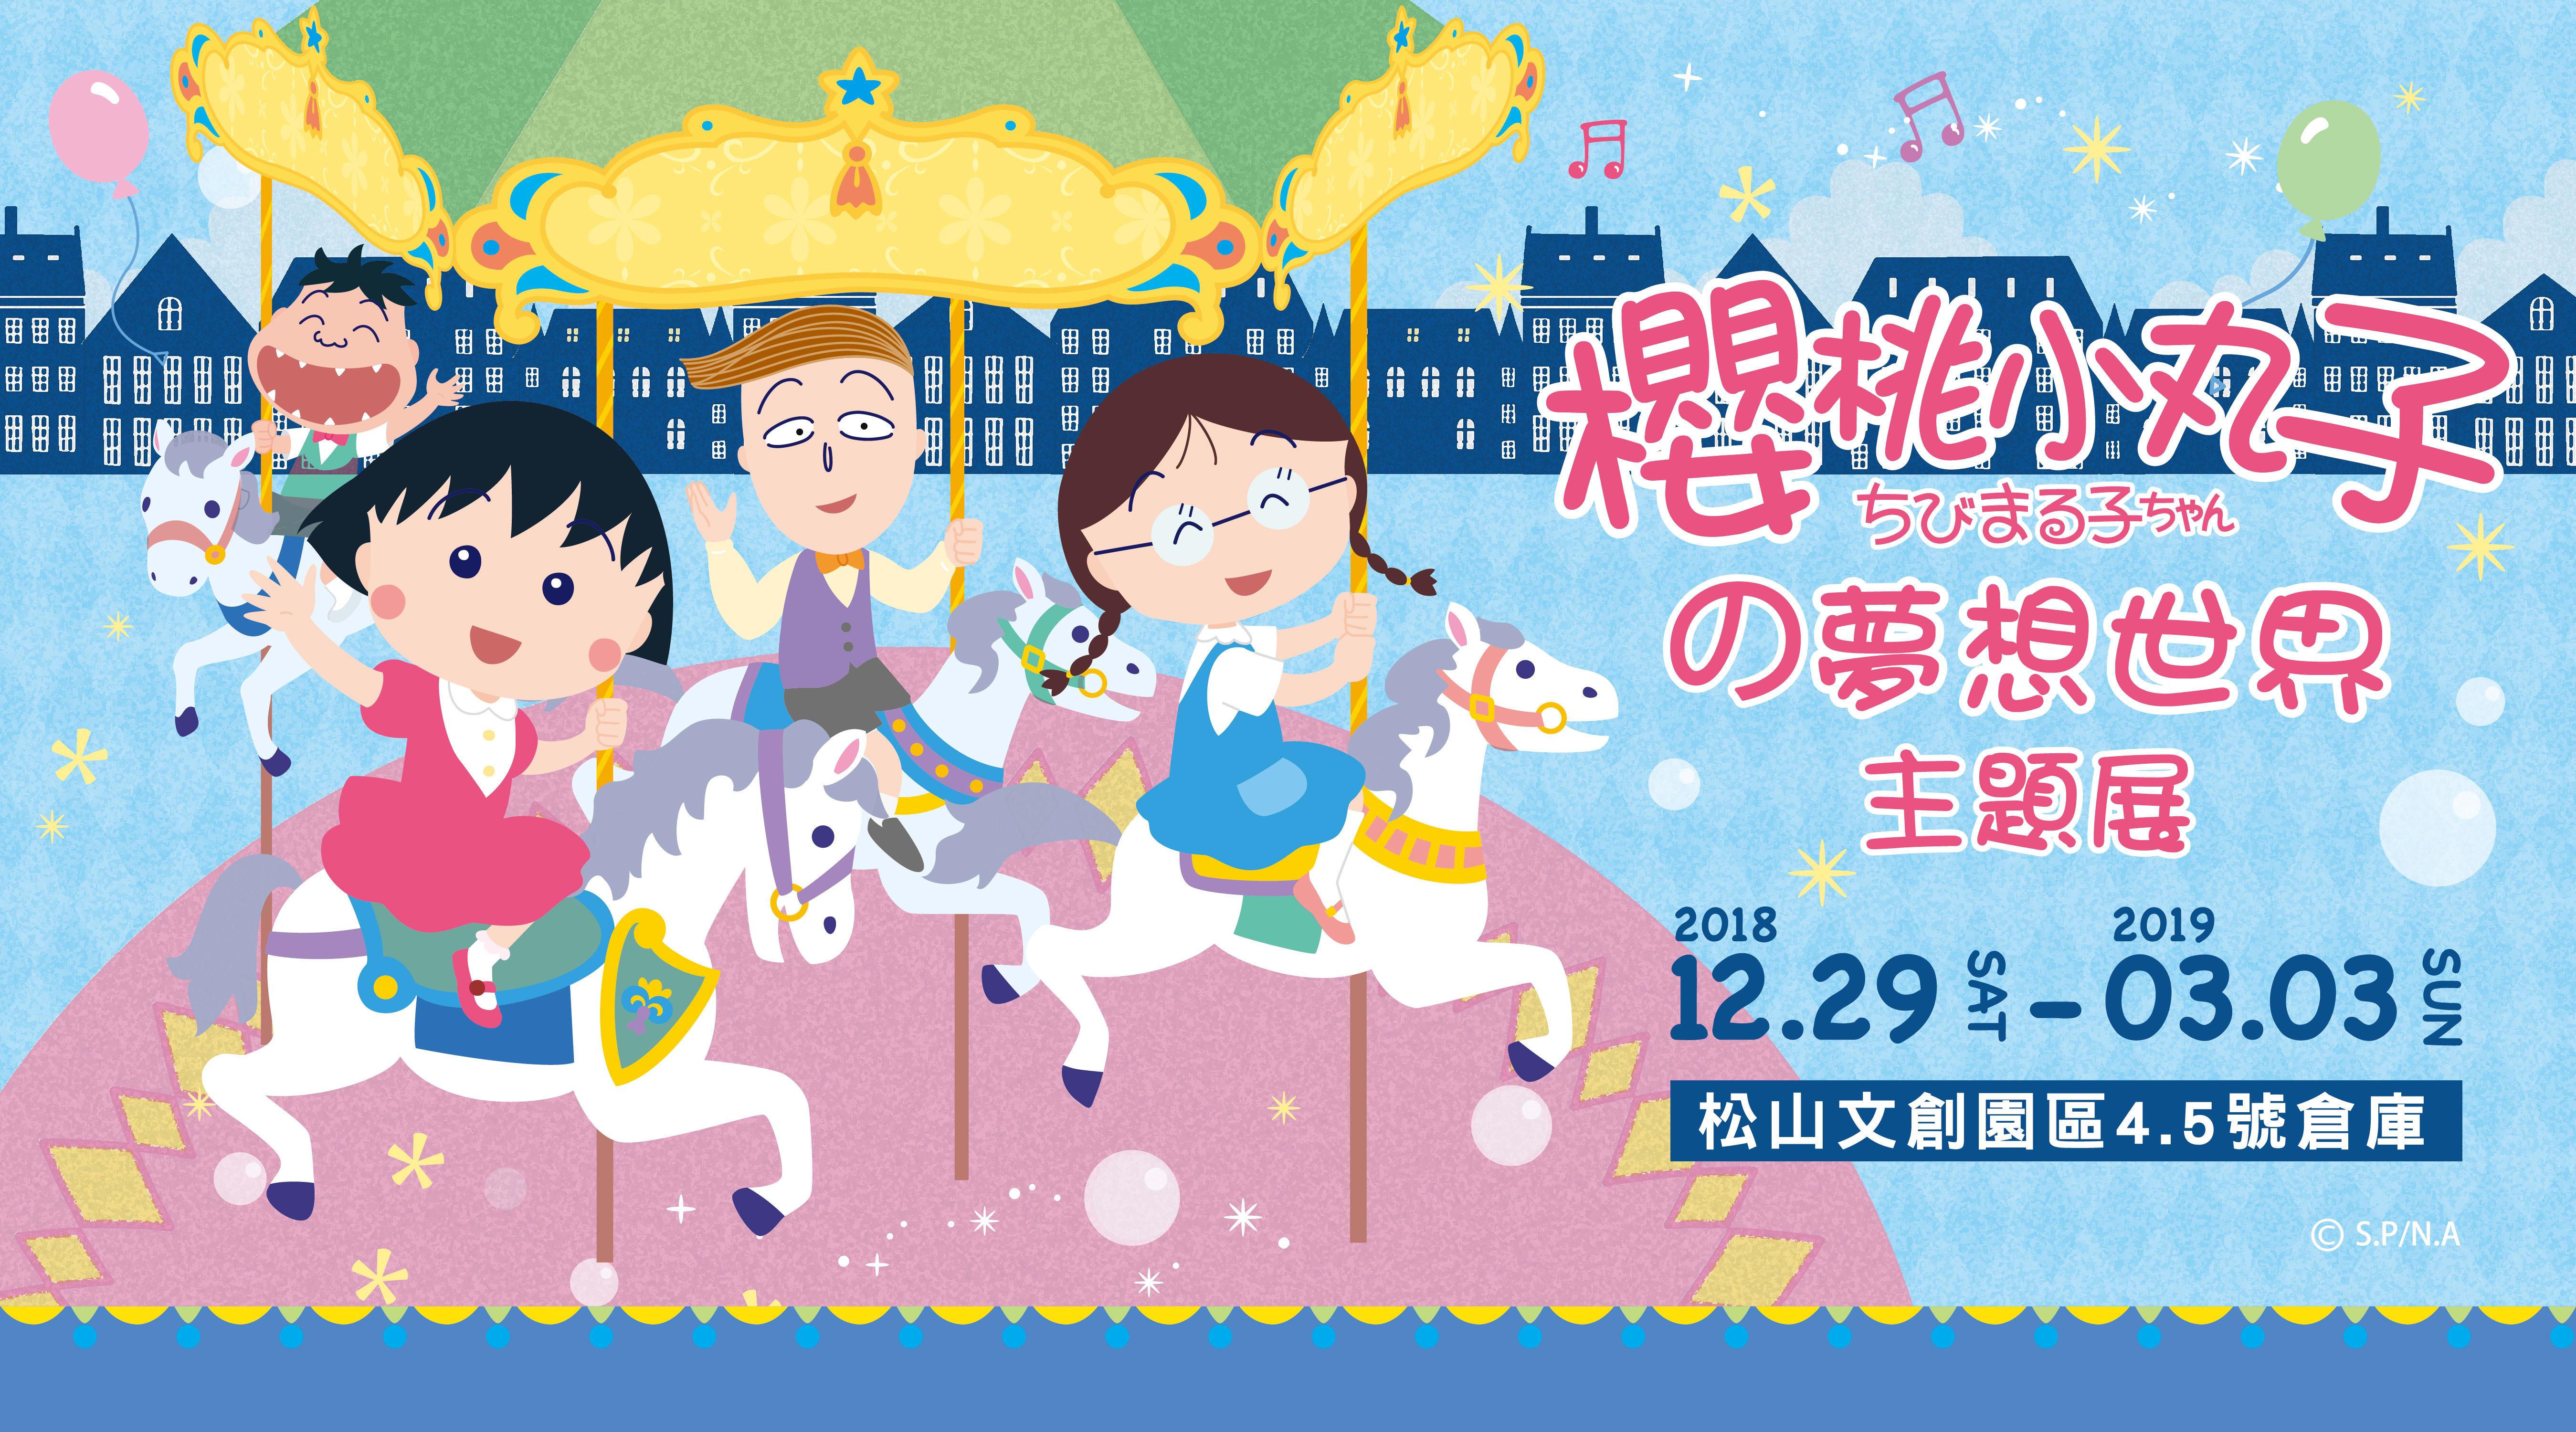 台北展覽,櫻桃小丸子。